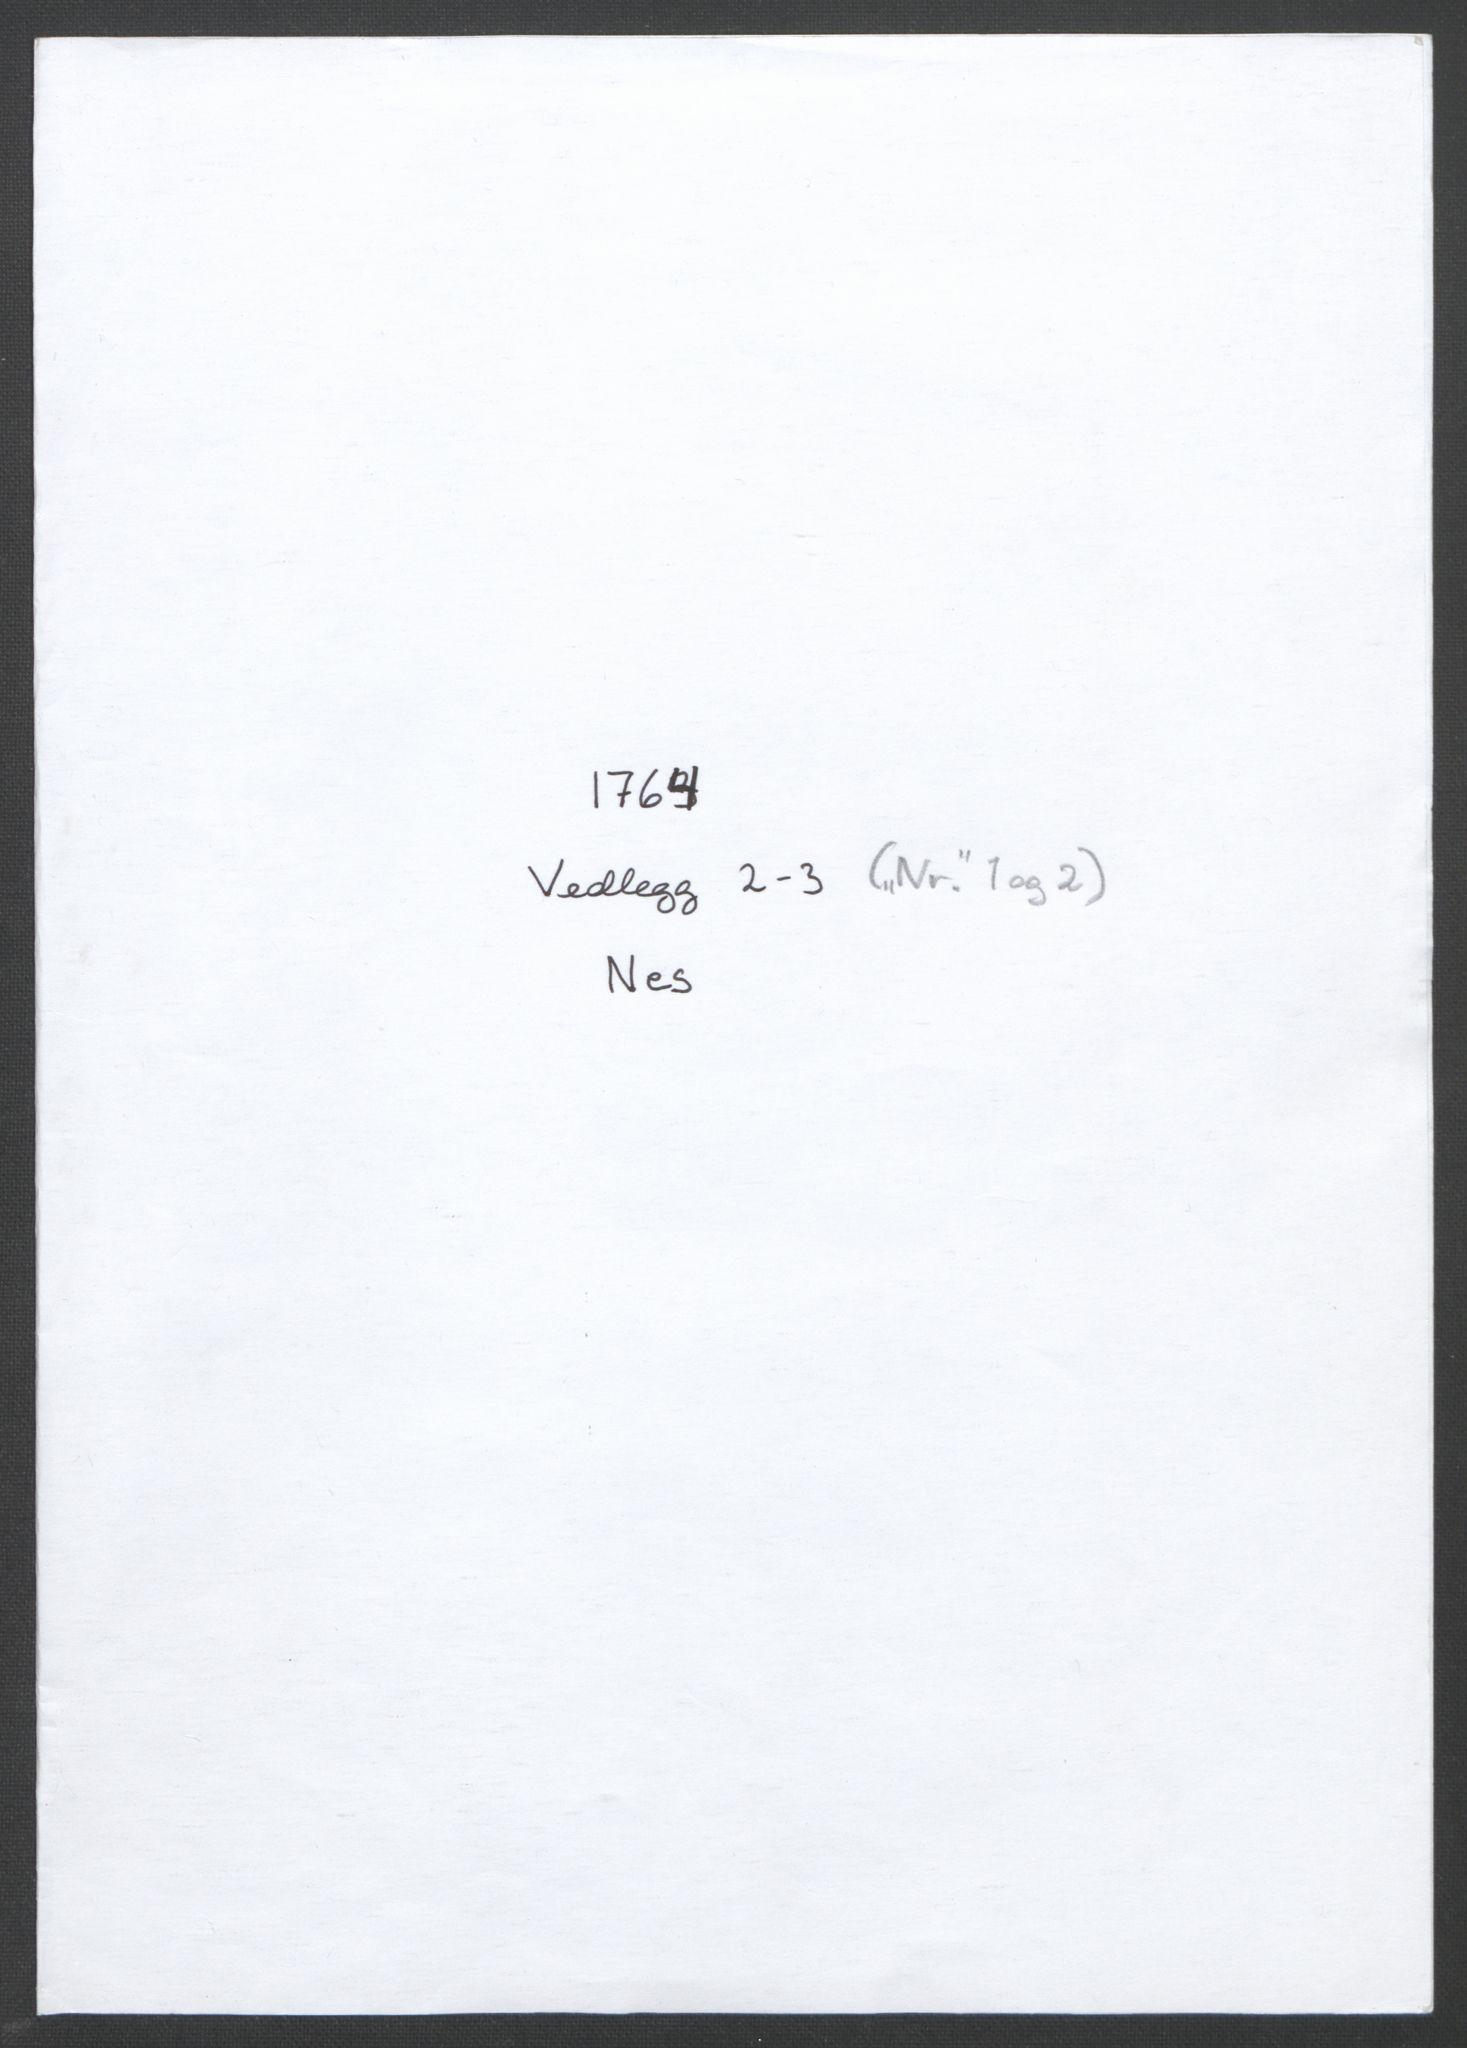 RA, Rentekammeret inntil 1814, Reviderte regnskaper, Fogderegnskap, R16/L1147: Ekstraskatten Hedmark, 1763-1764, s. 427